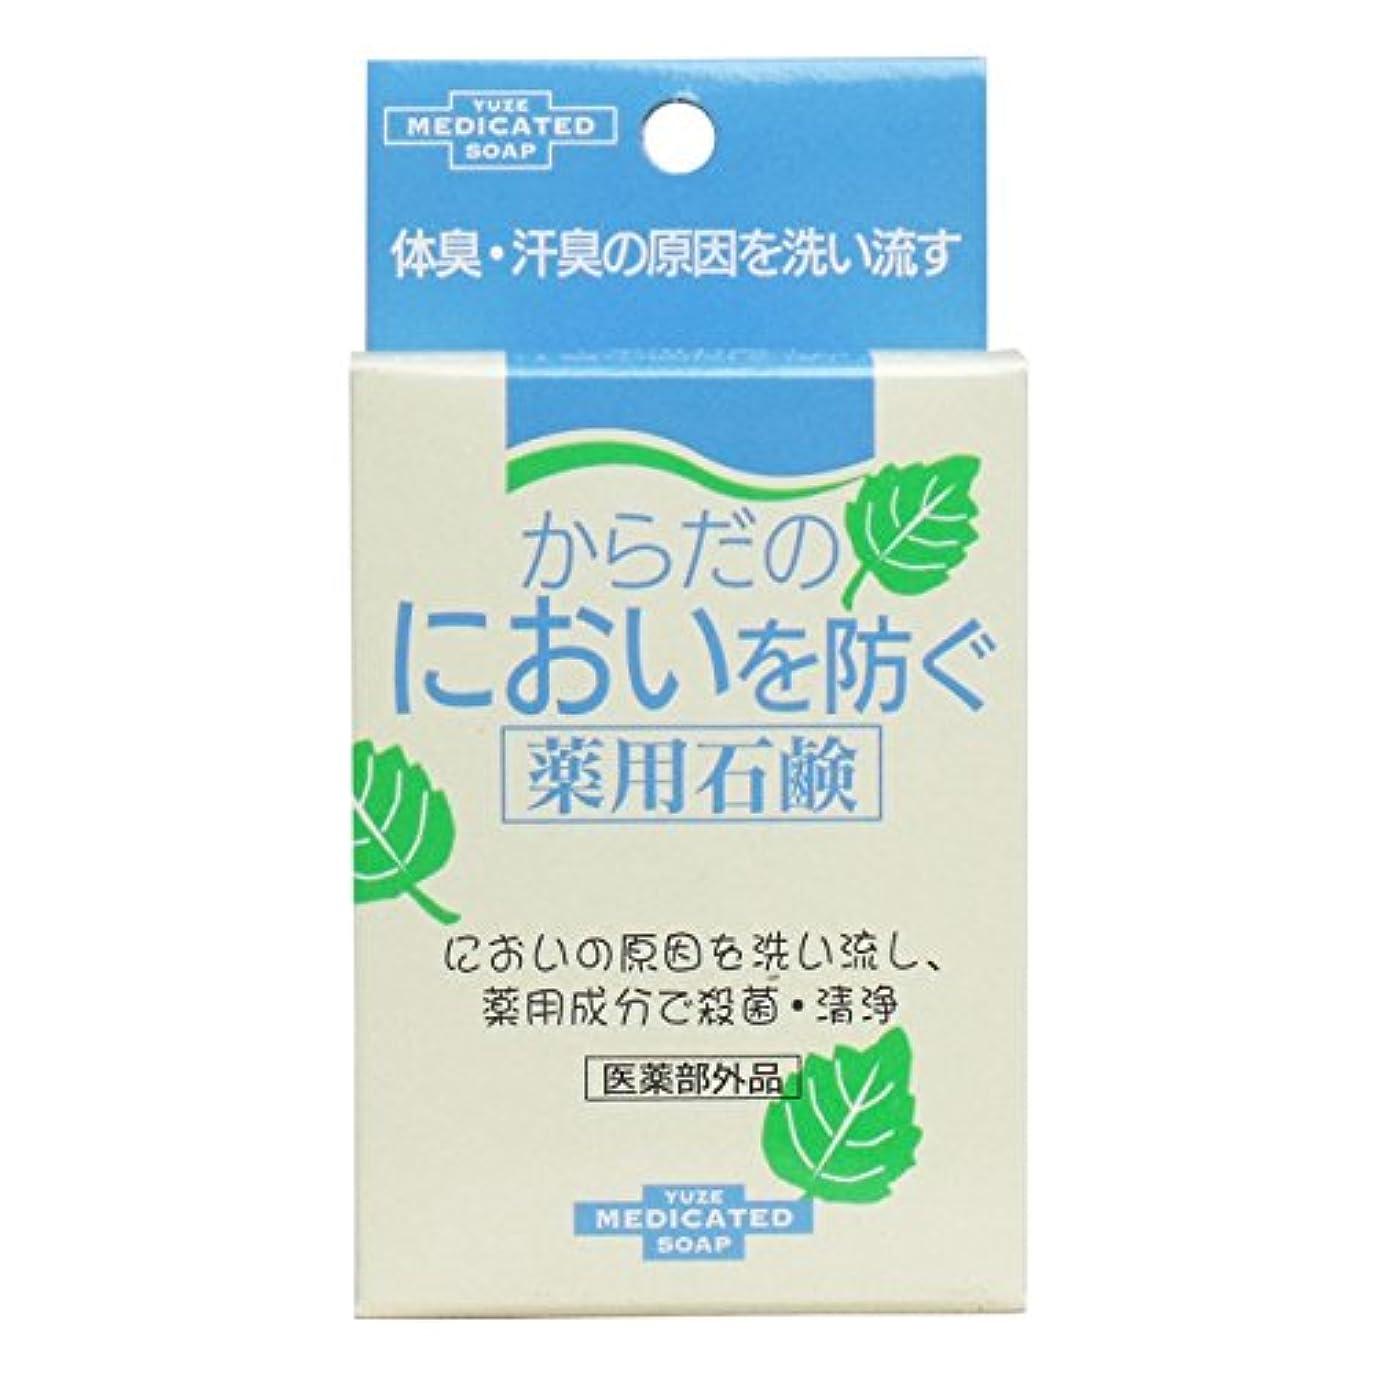 レタッチ延期するルネッサンスからだのにおいを防ぐ薬用石鹸 110g ユゼ